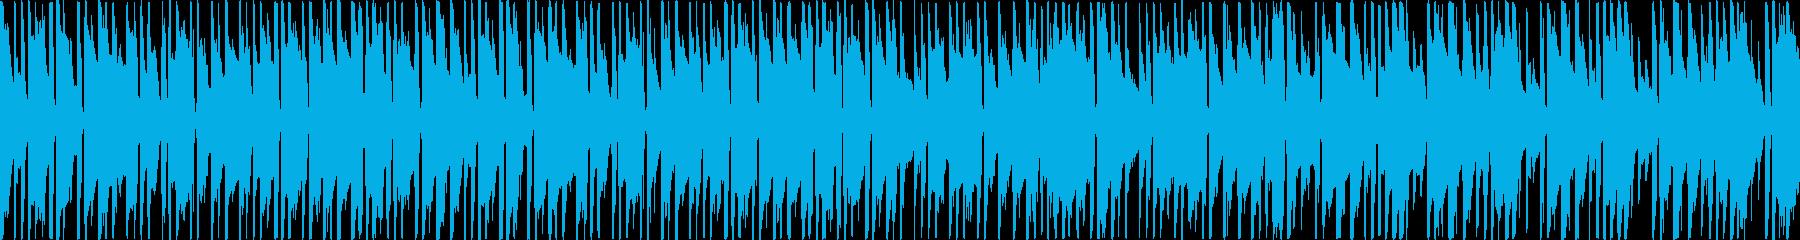 お洒落なボサノバ(メロディ無し・ループ)の再生済みの波形